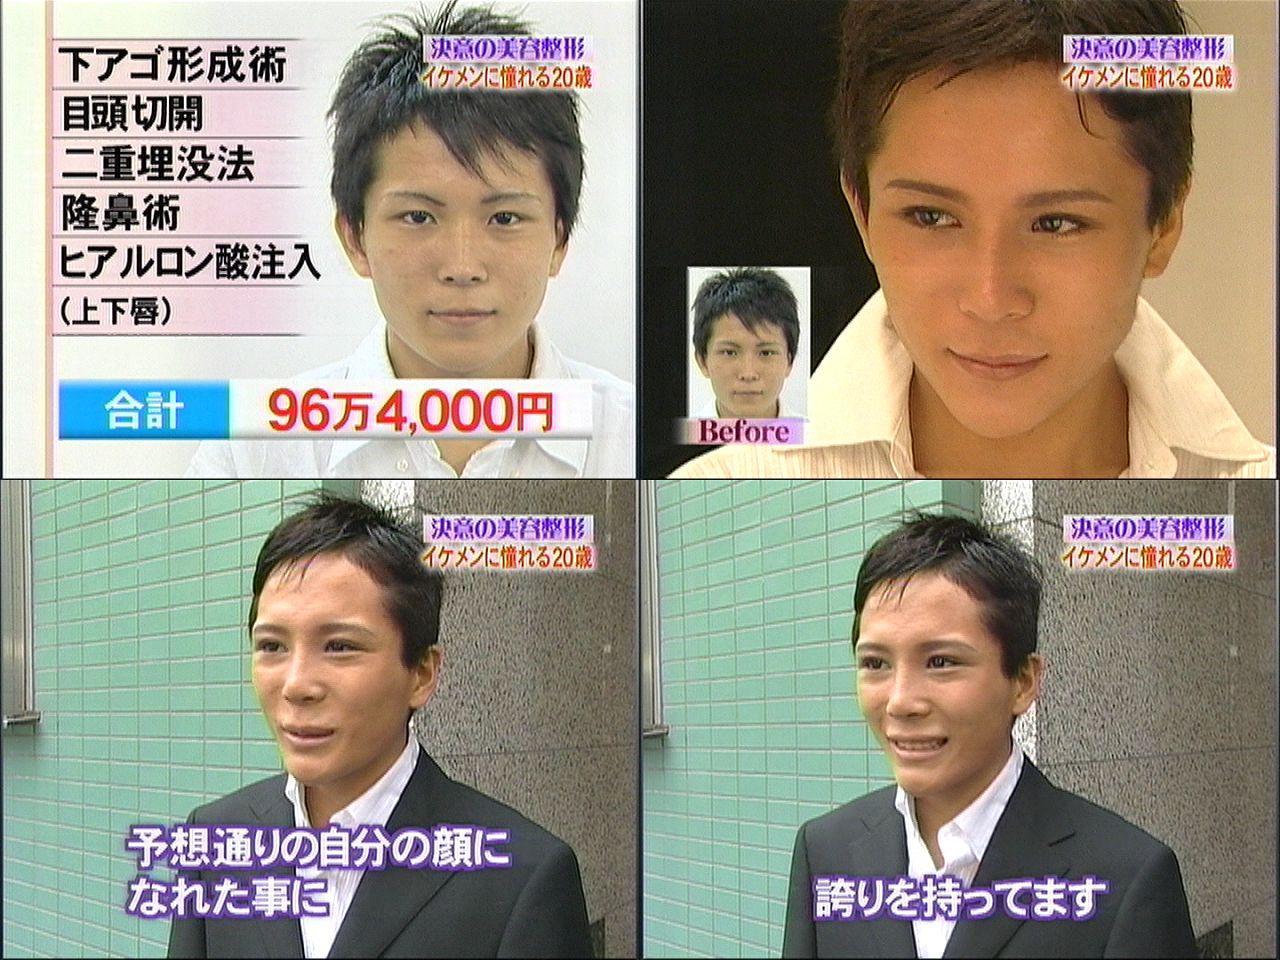 ビューティーコロシアムで整形した男(96万4,000円)整形後の顔が酷い